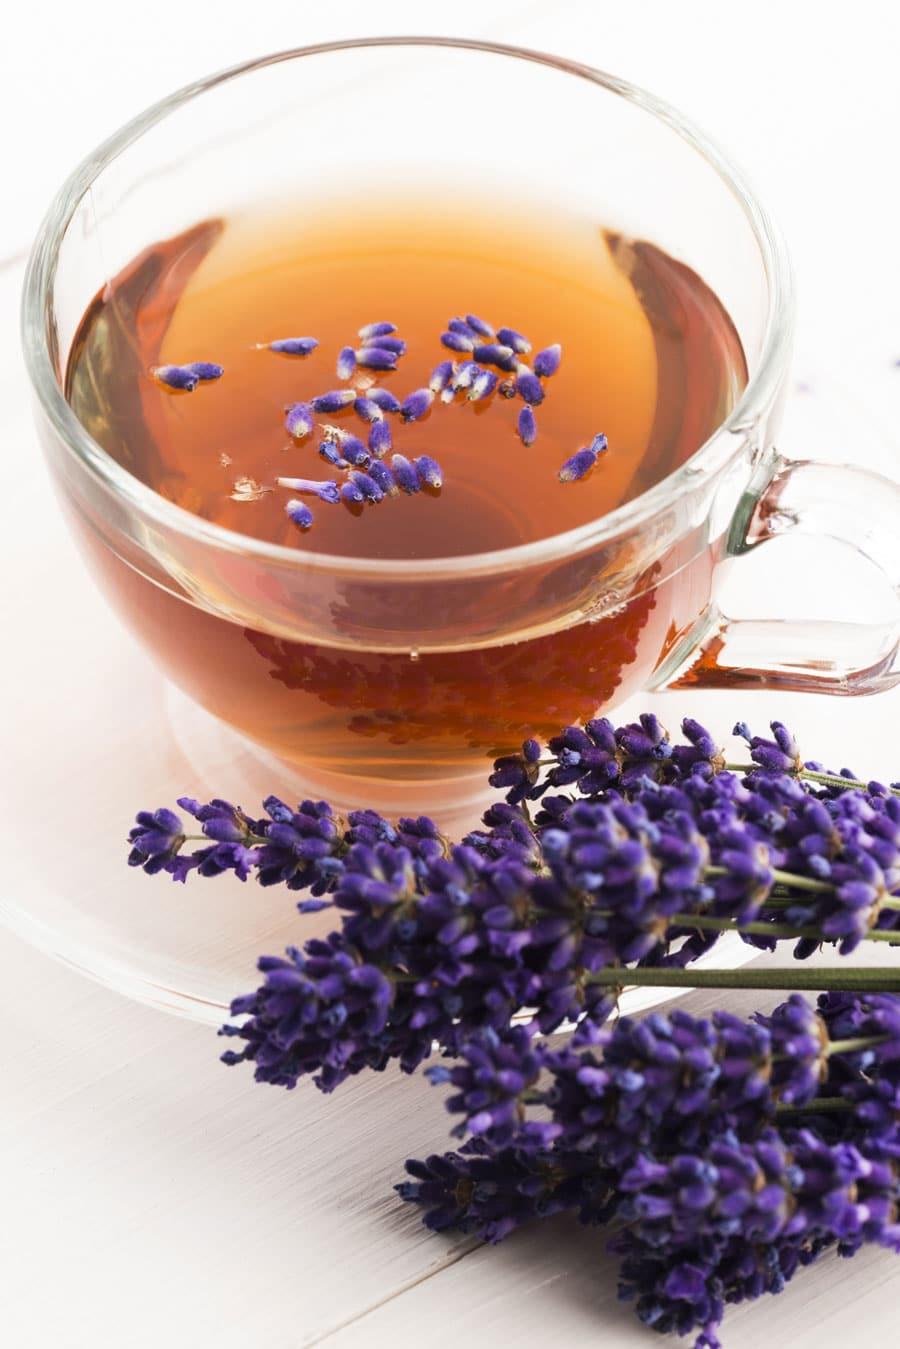 Lavendelblüten neben einer Glastasse mit Lavendeltee